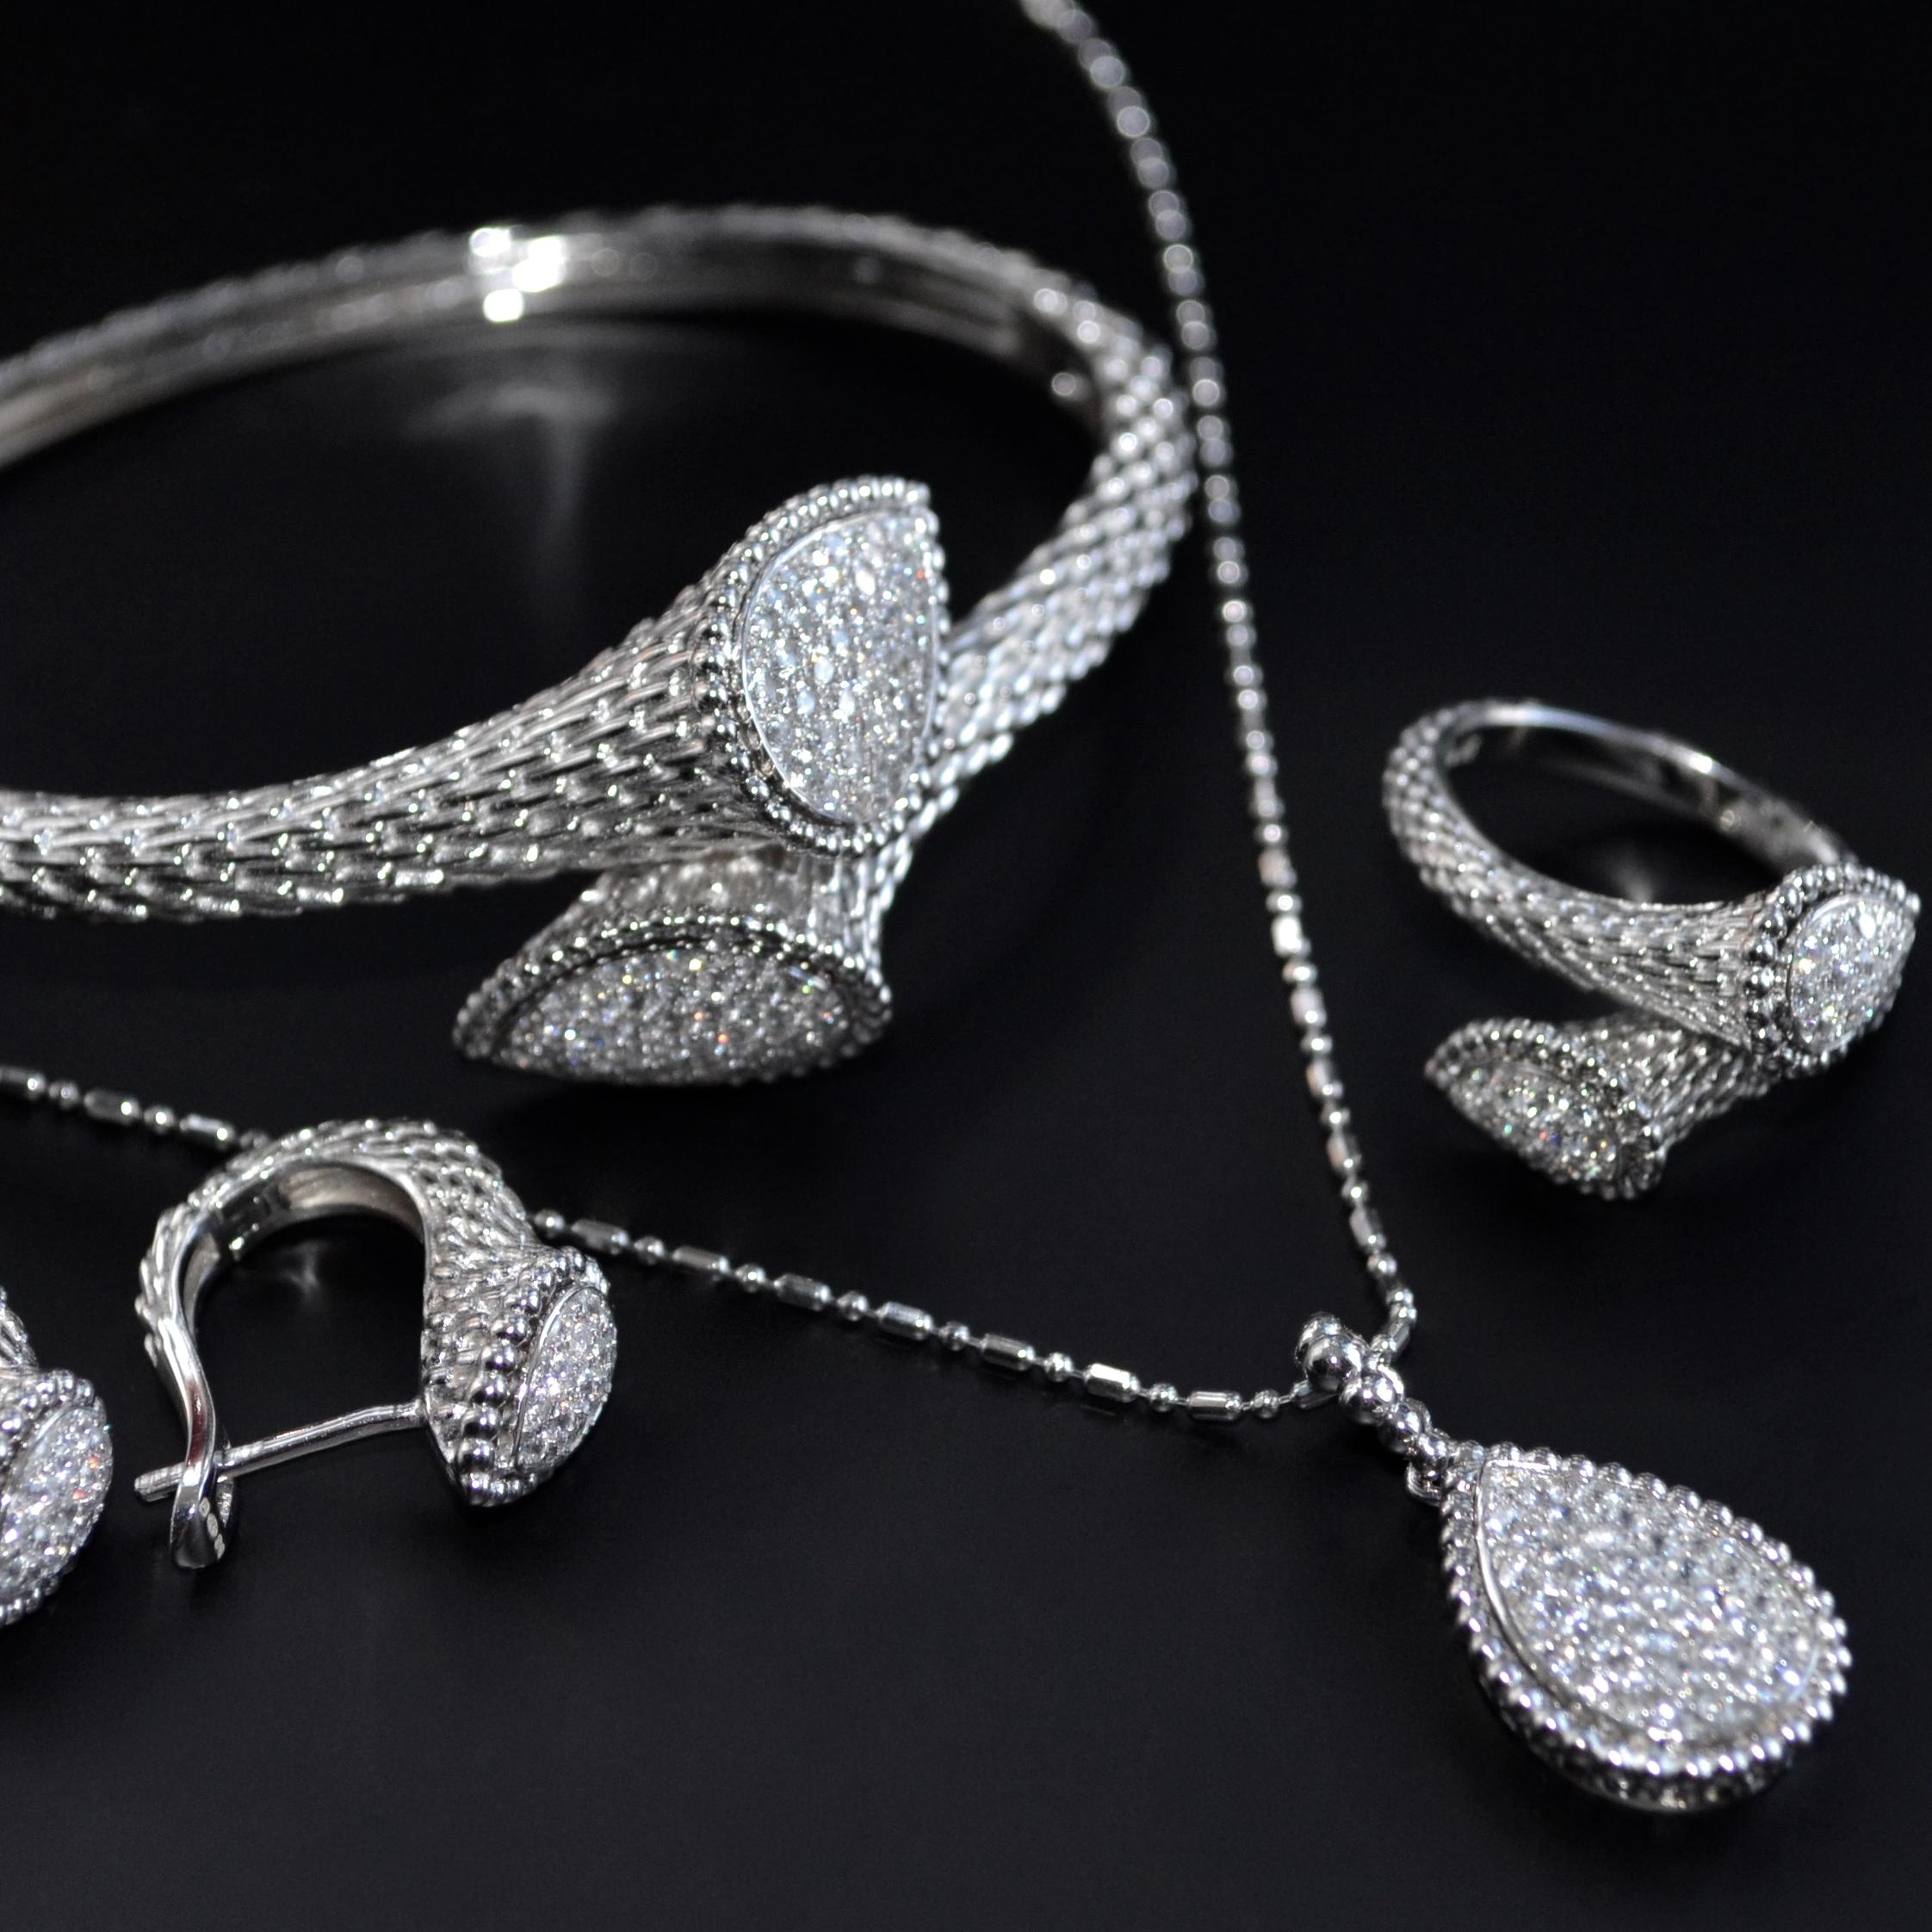 Šperky & Hodinky